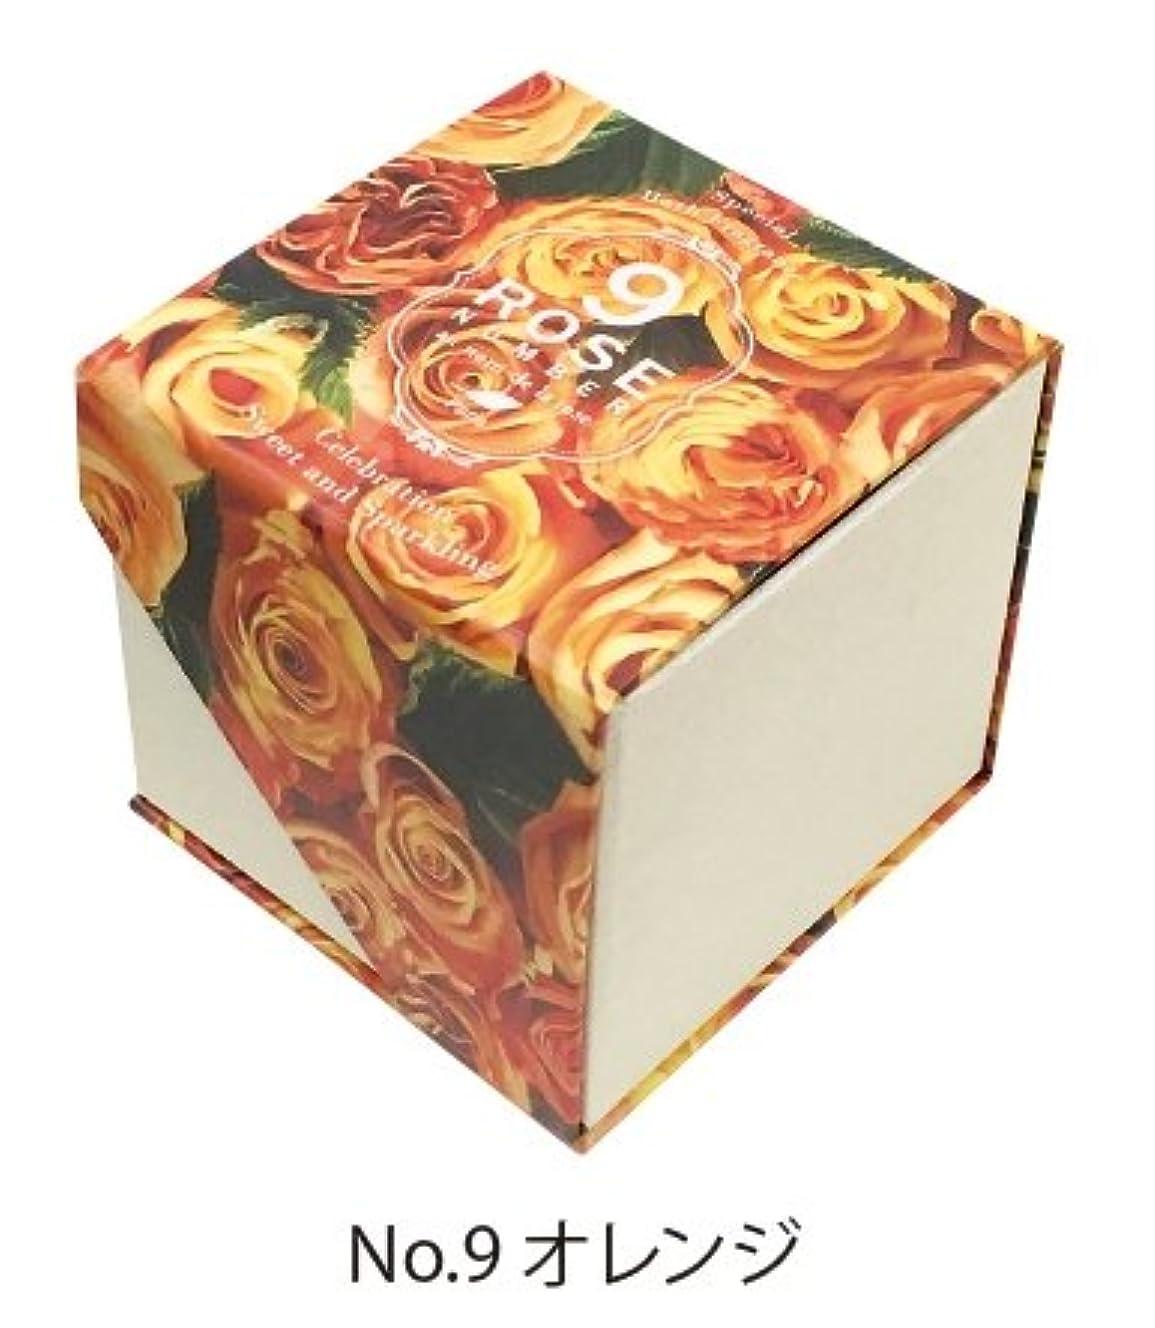 介入するオフ難民九州フラワーサービス(Kyushu Flower Service) 入浴剤 77280